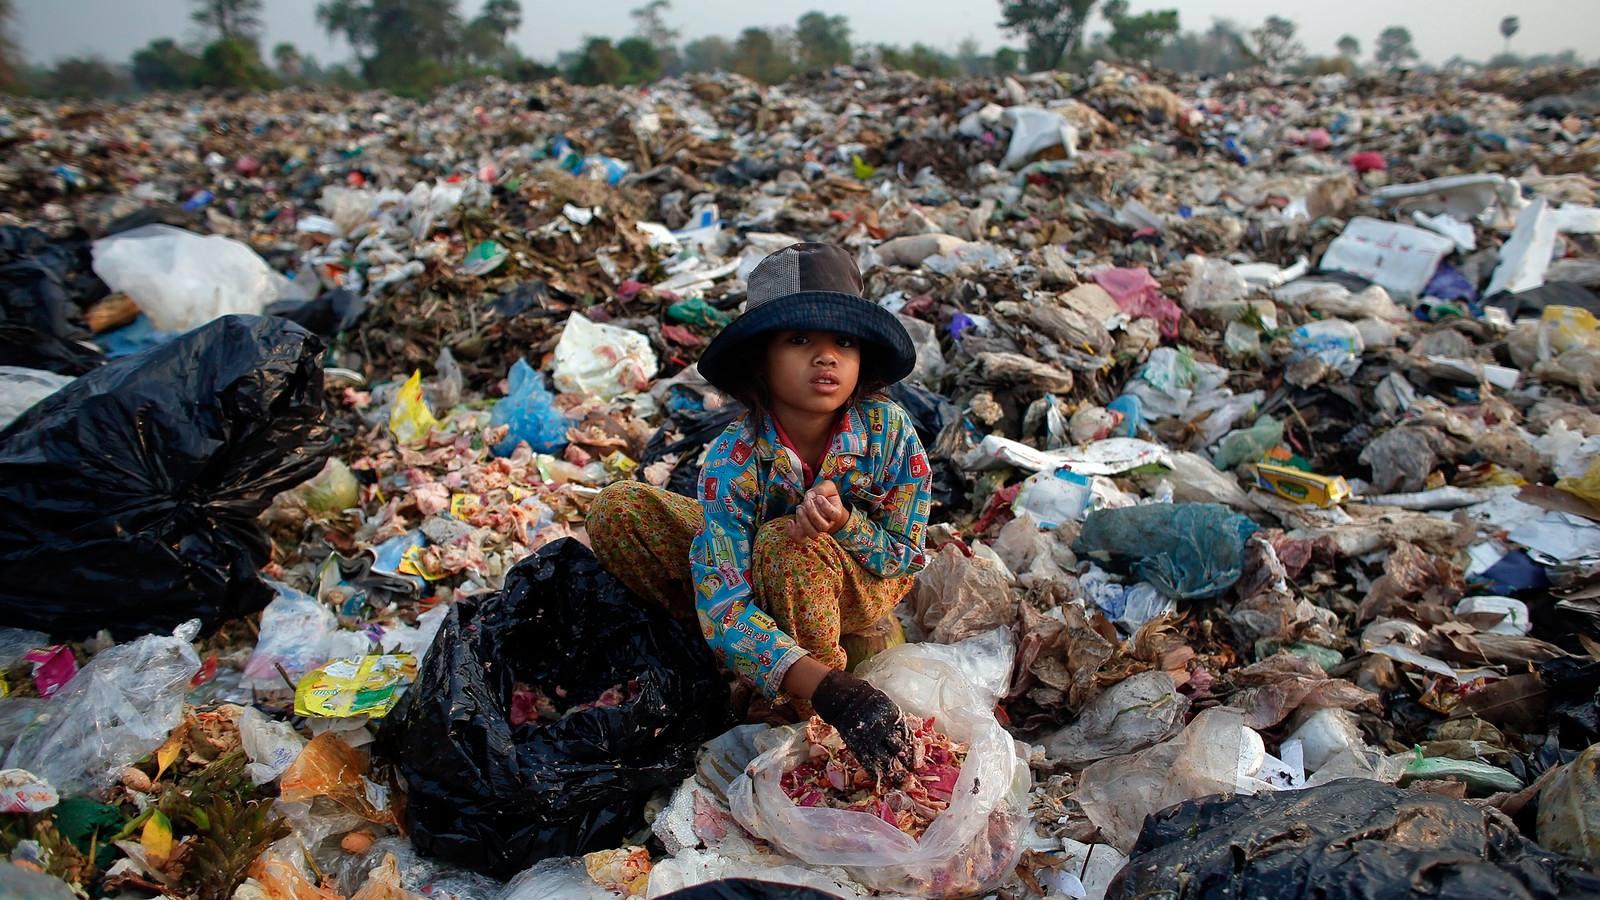 El desperdicio de comida no solo afecta al ambiente, también aumental el hambre en el mundo. - Foto por Athit Perawongmetha/Reuters